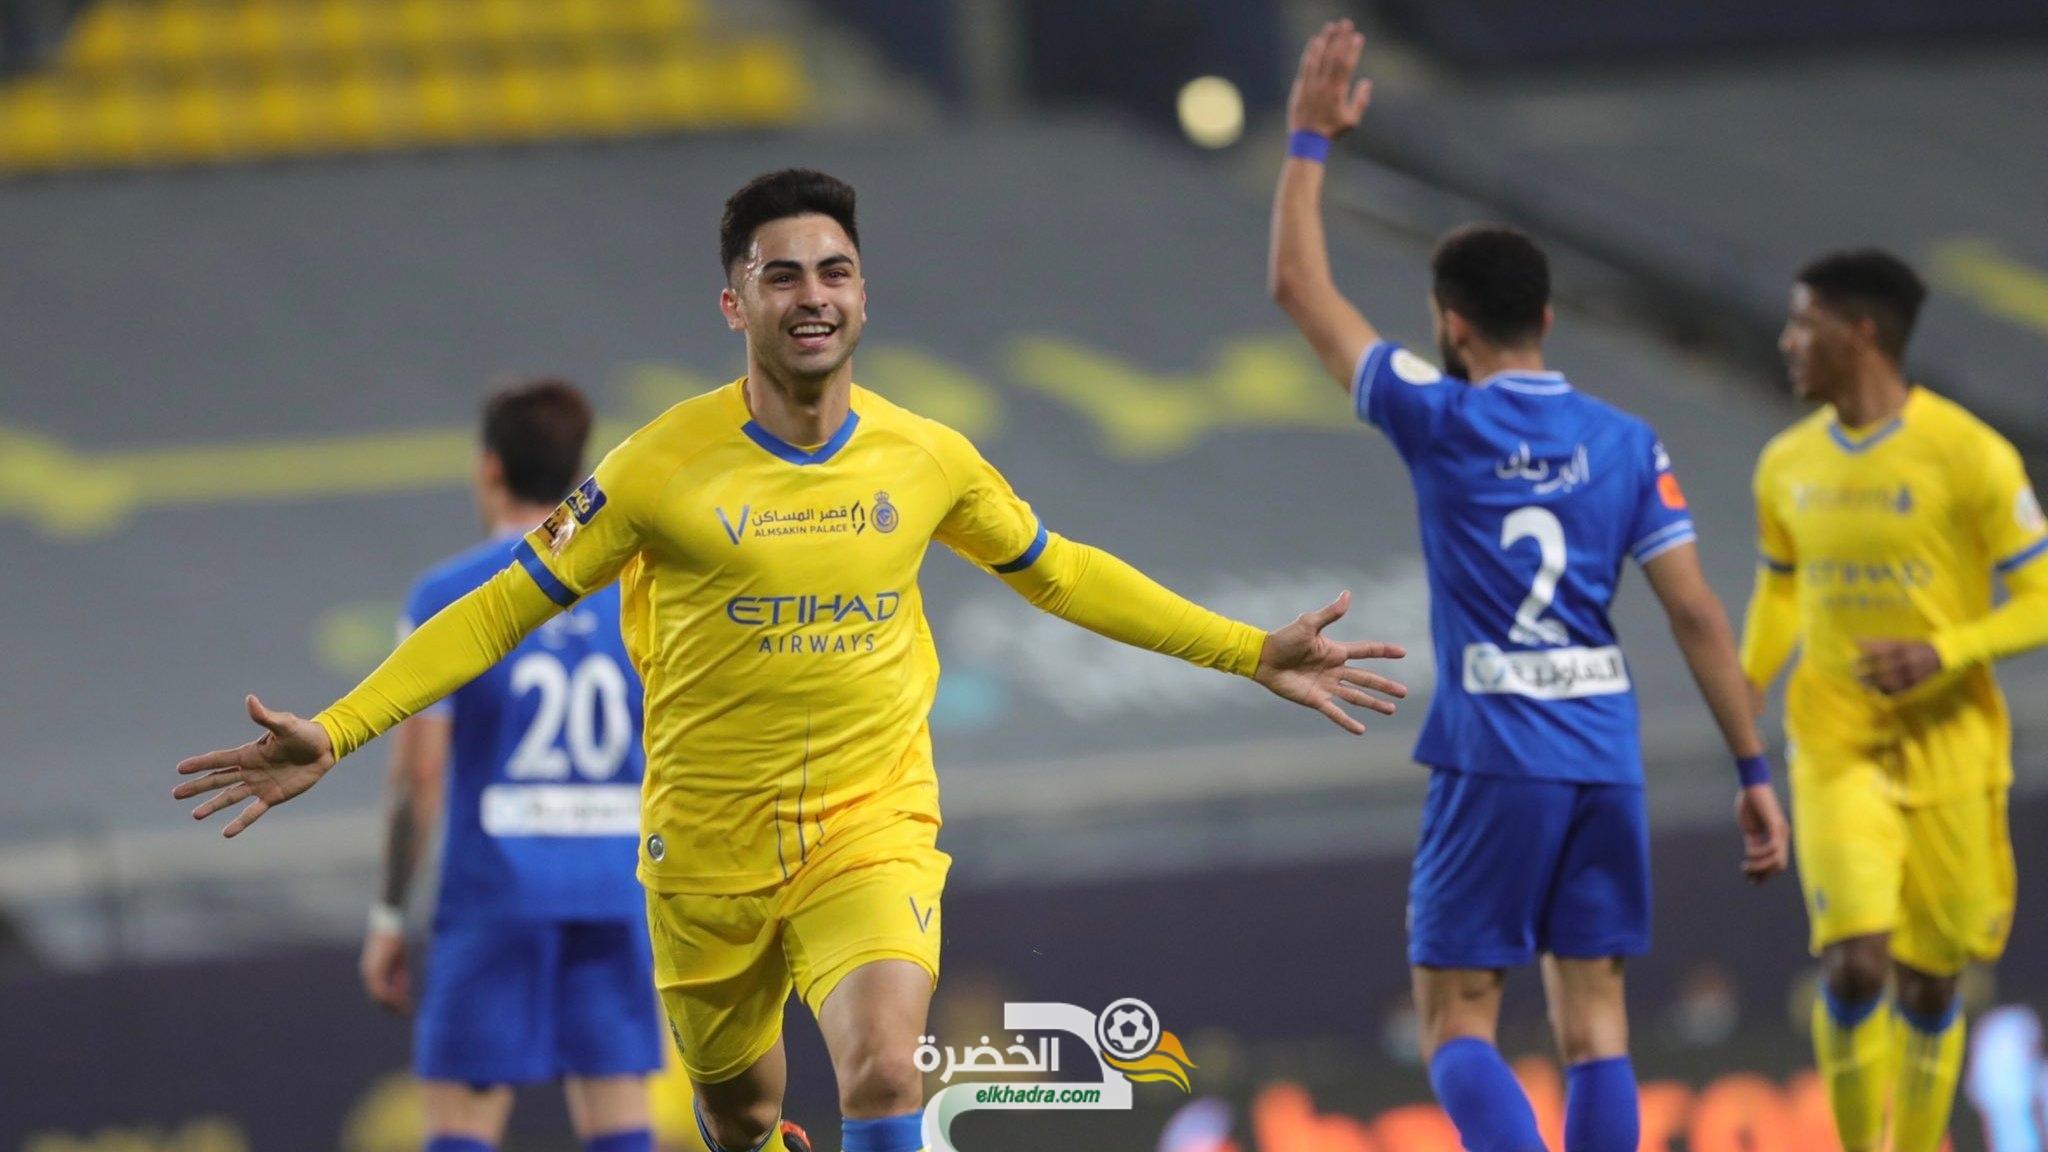 النصر يهزم الهلالفي ديربي الرياض في قمة الجولة 20 من الدوري السعودي  23